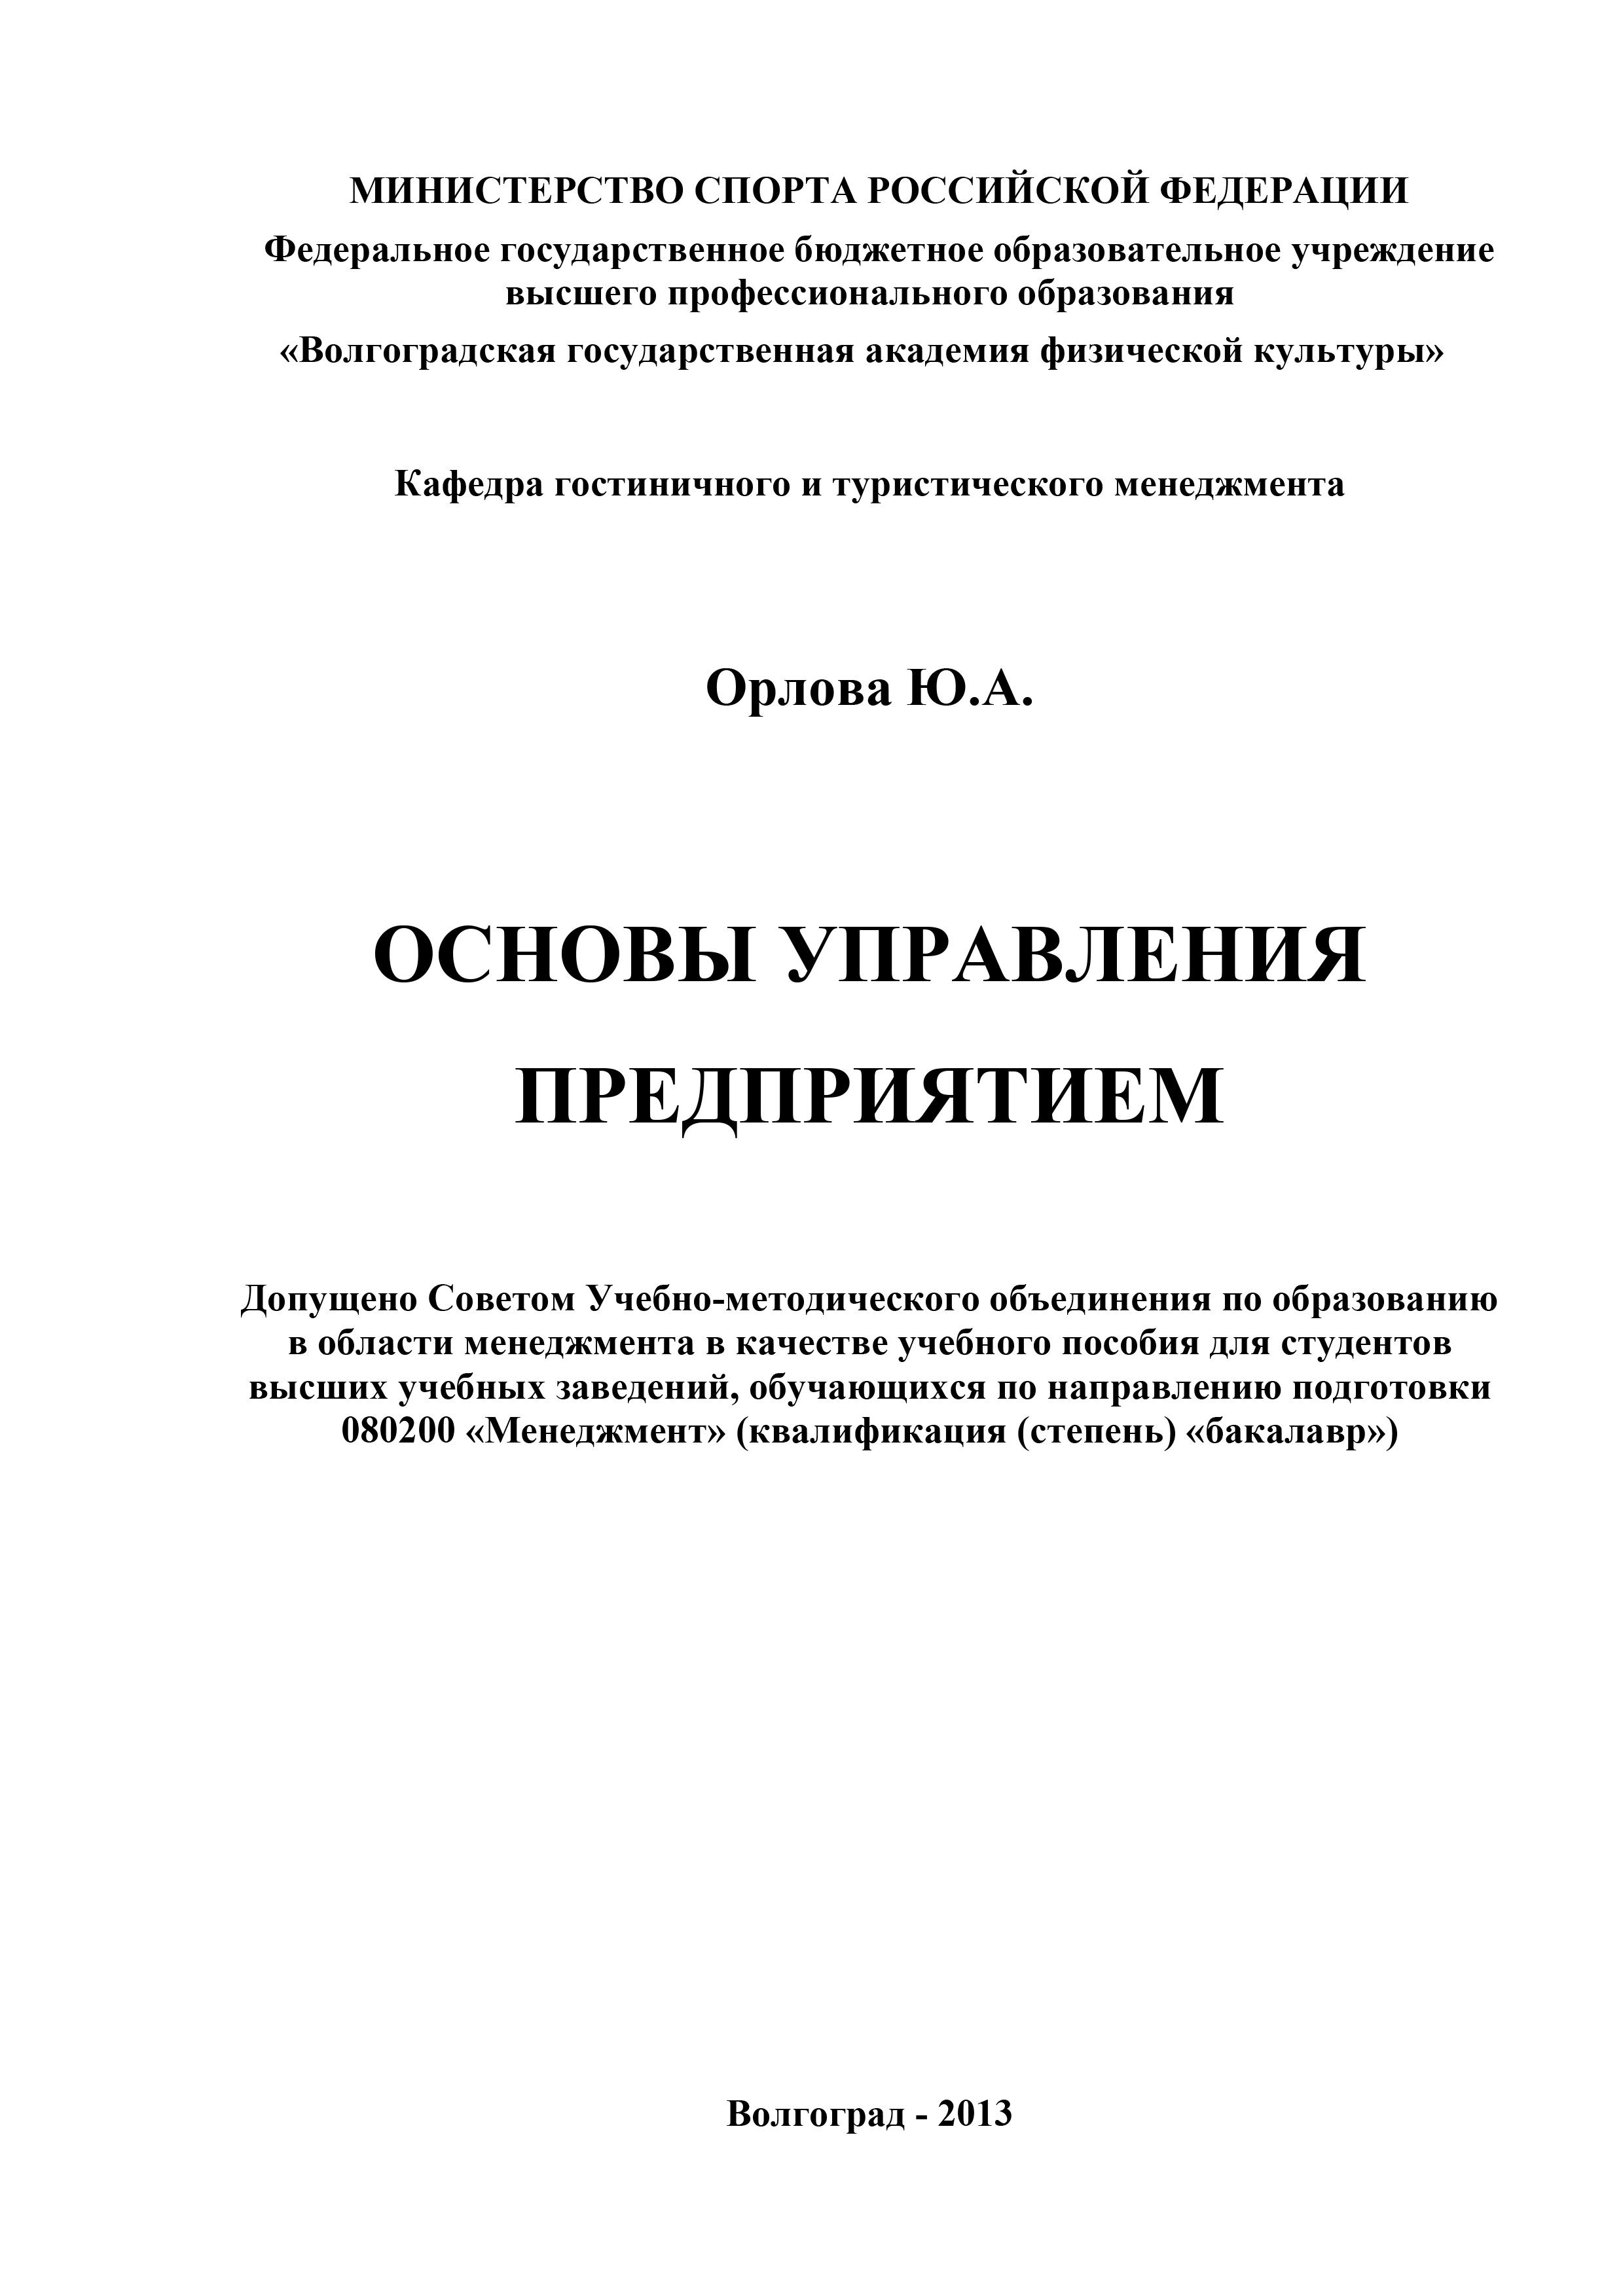 Ю. А. Орлова Основы управления предприятием